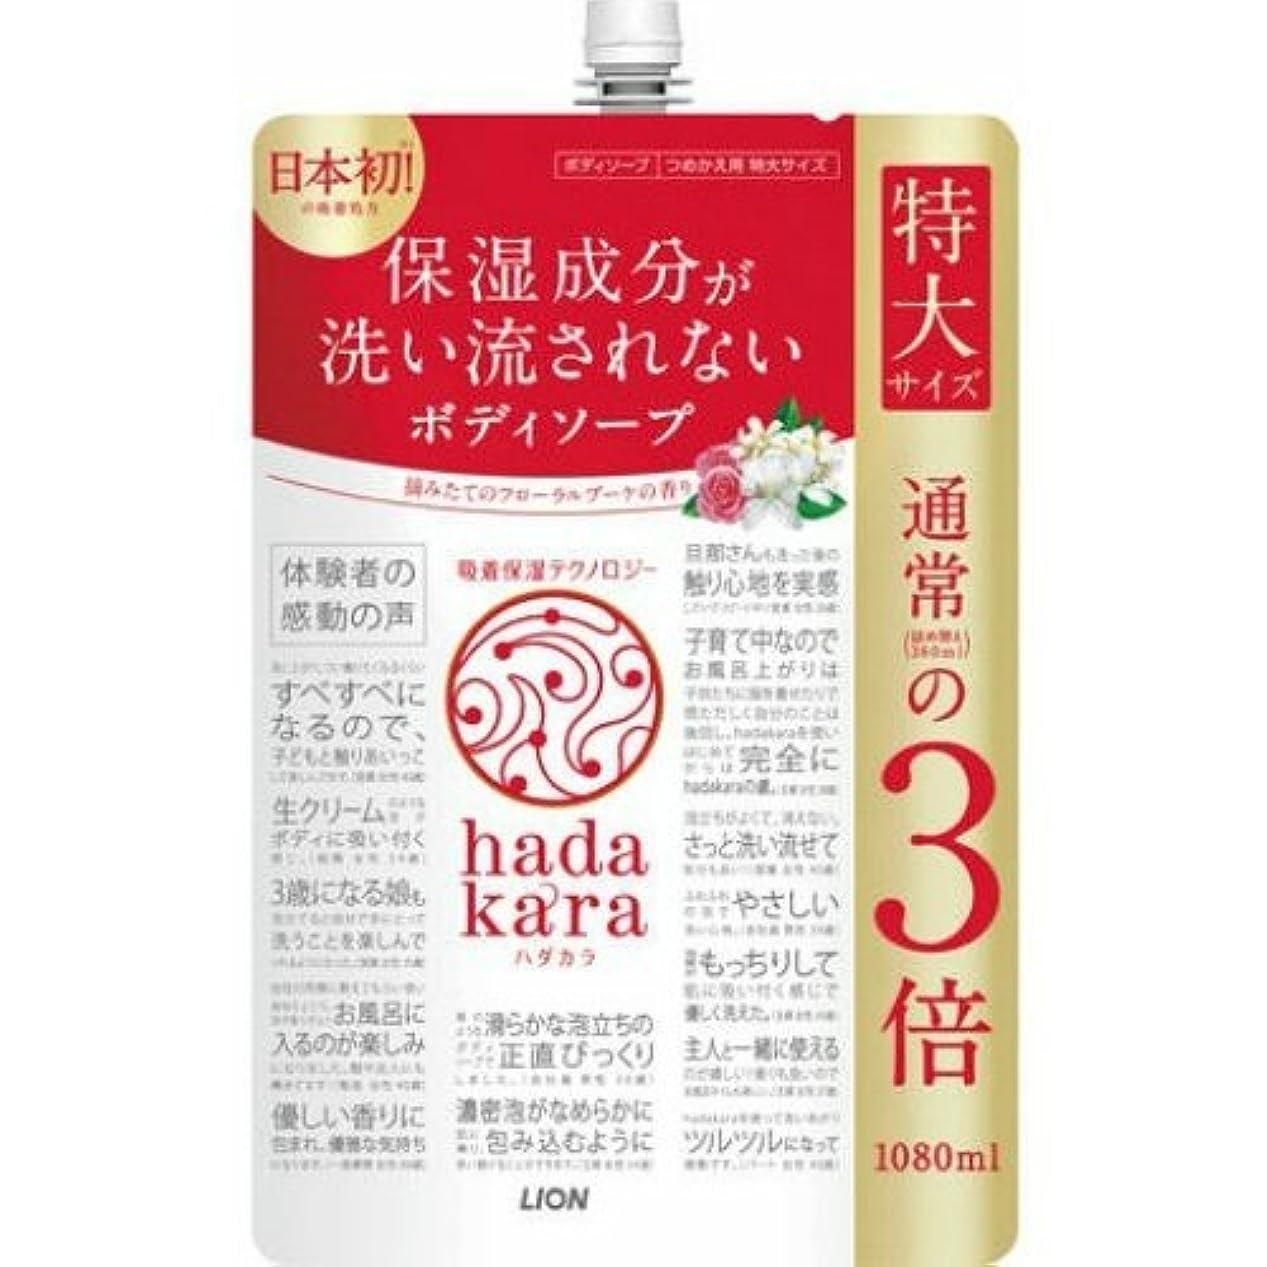 神経障害ブリリアント貝殻LION ライオン hadakara ハダカラ ボディソープ フローラルブーケの香り つめかえ用 特大サイズ 1080ml ×006点セット(4903301260875)